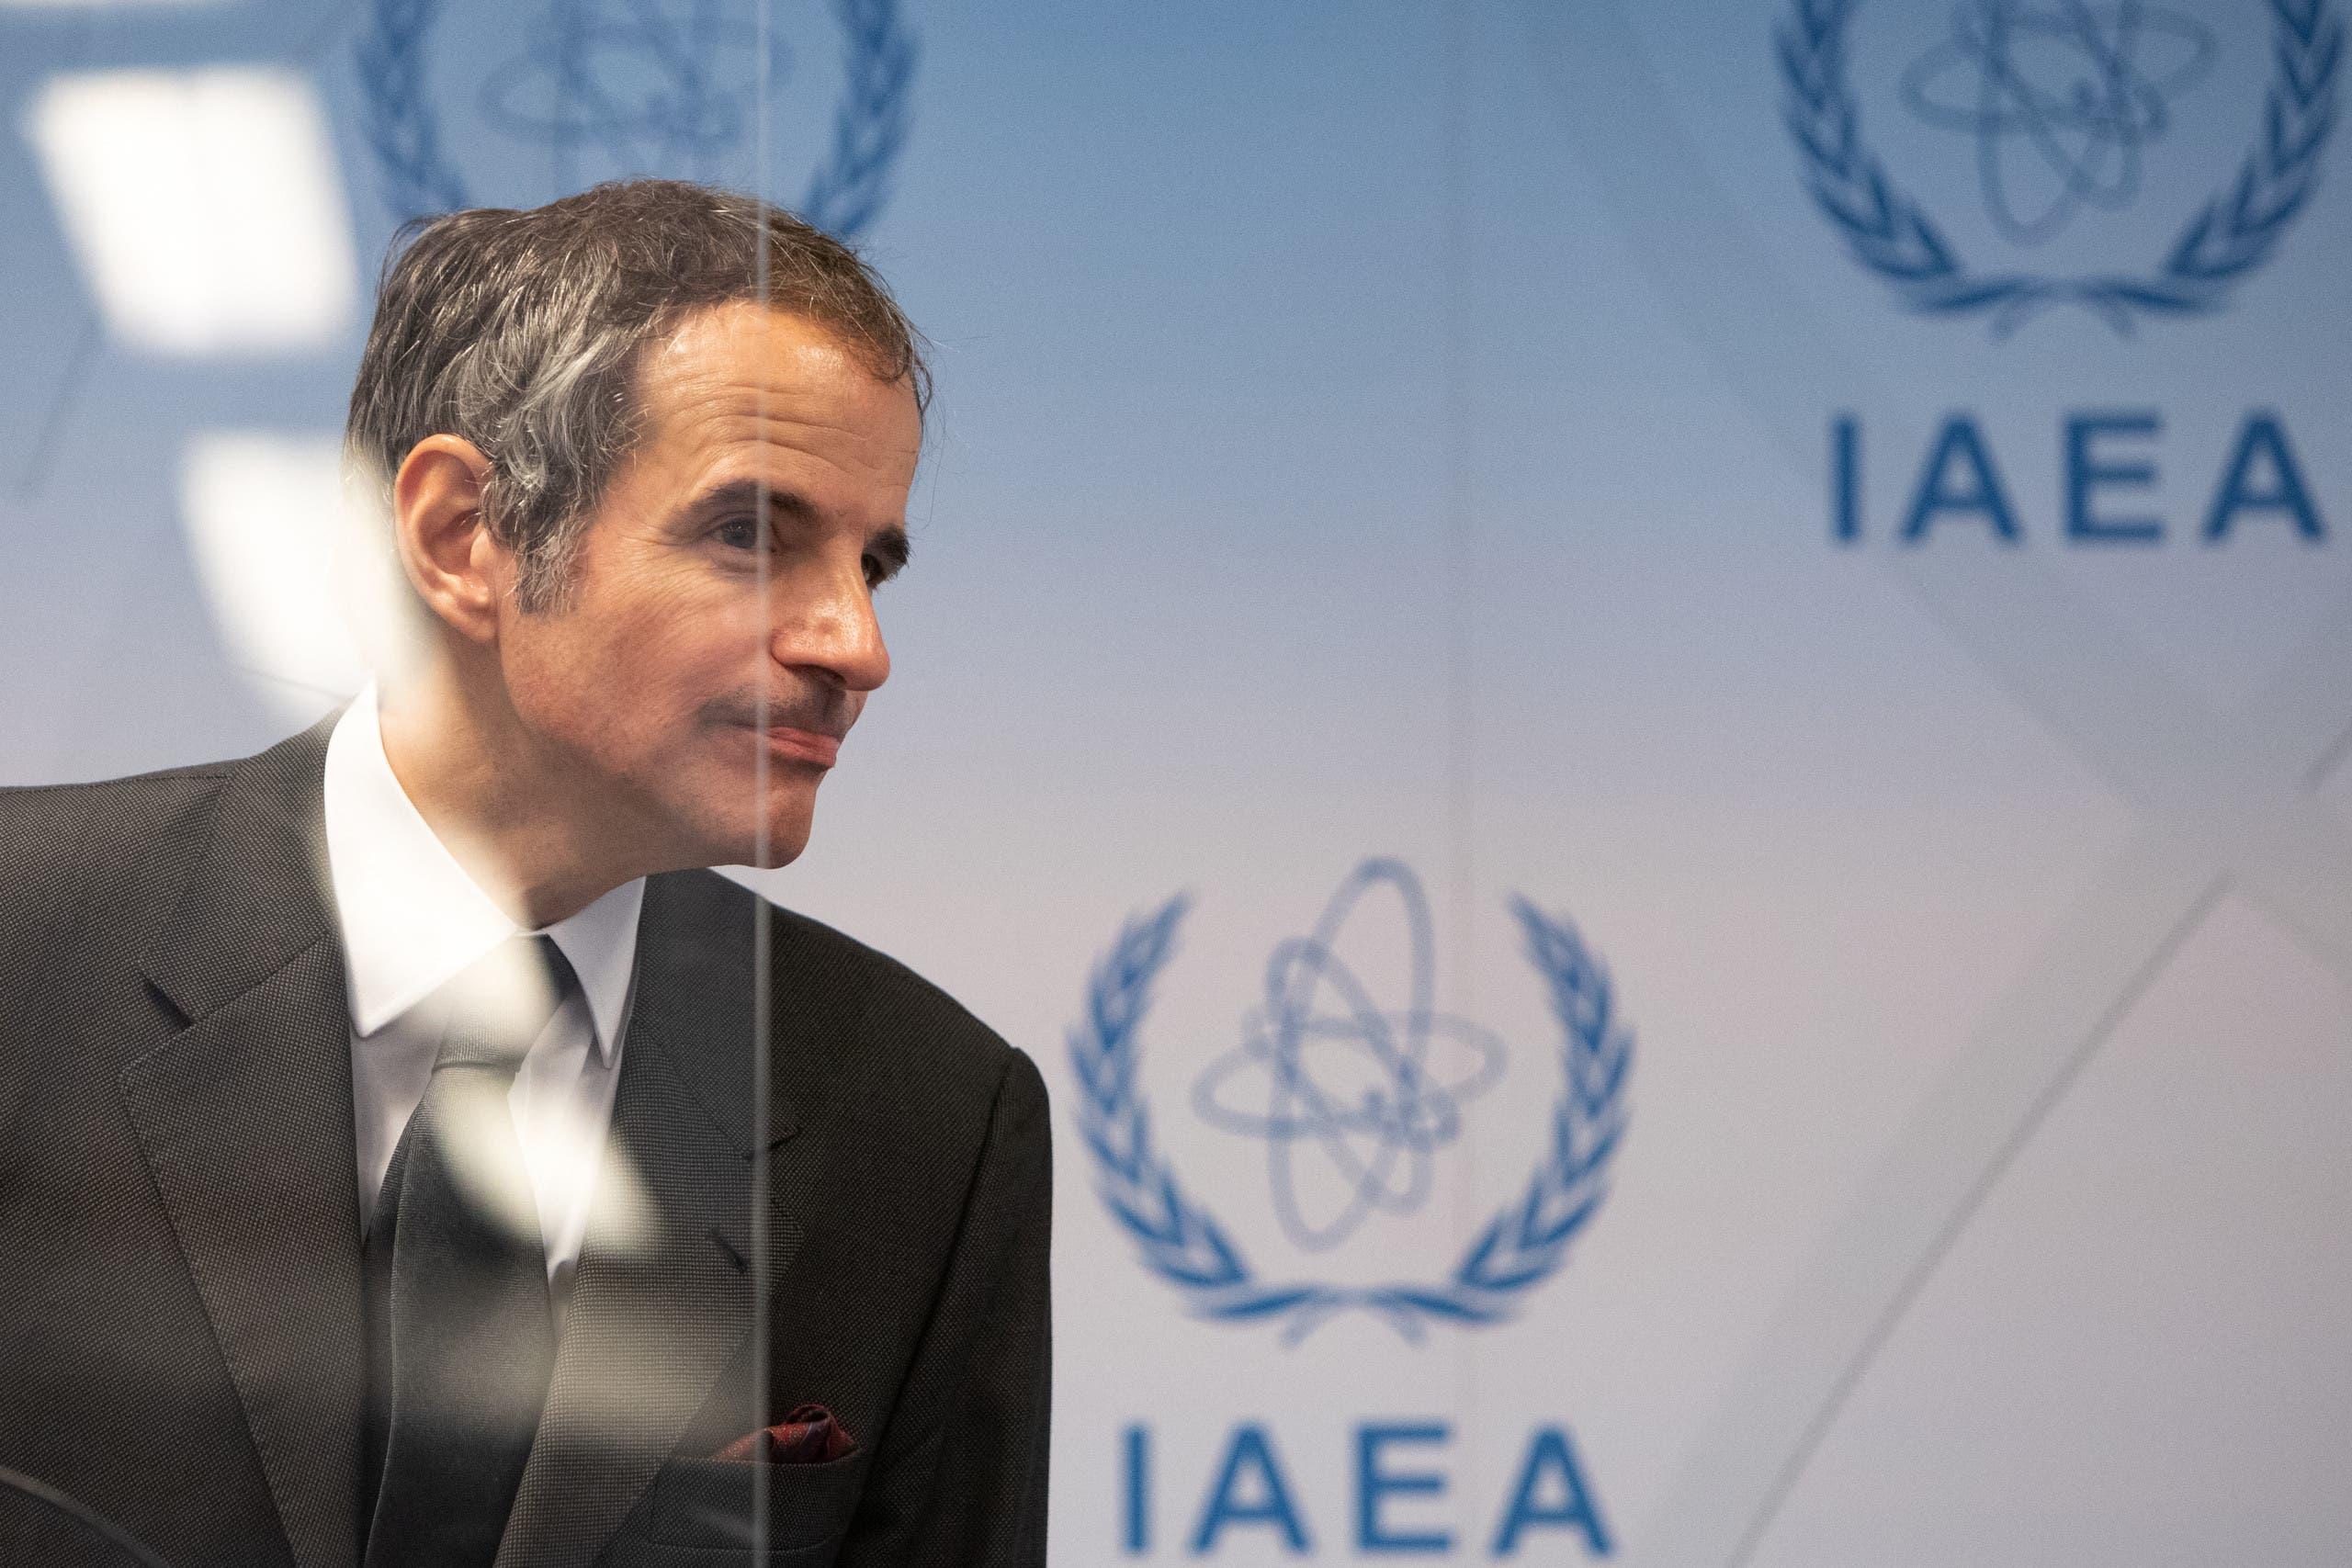 مدير الوكالة الدولية للطاقة الذرية رافييل غروسني (فرانس برس)